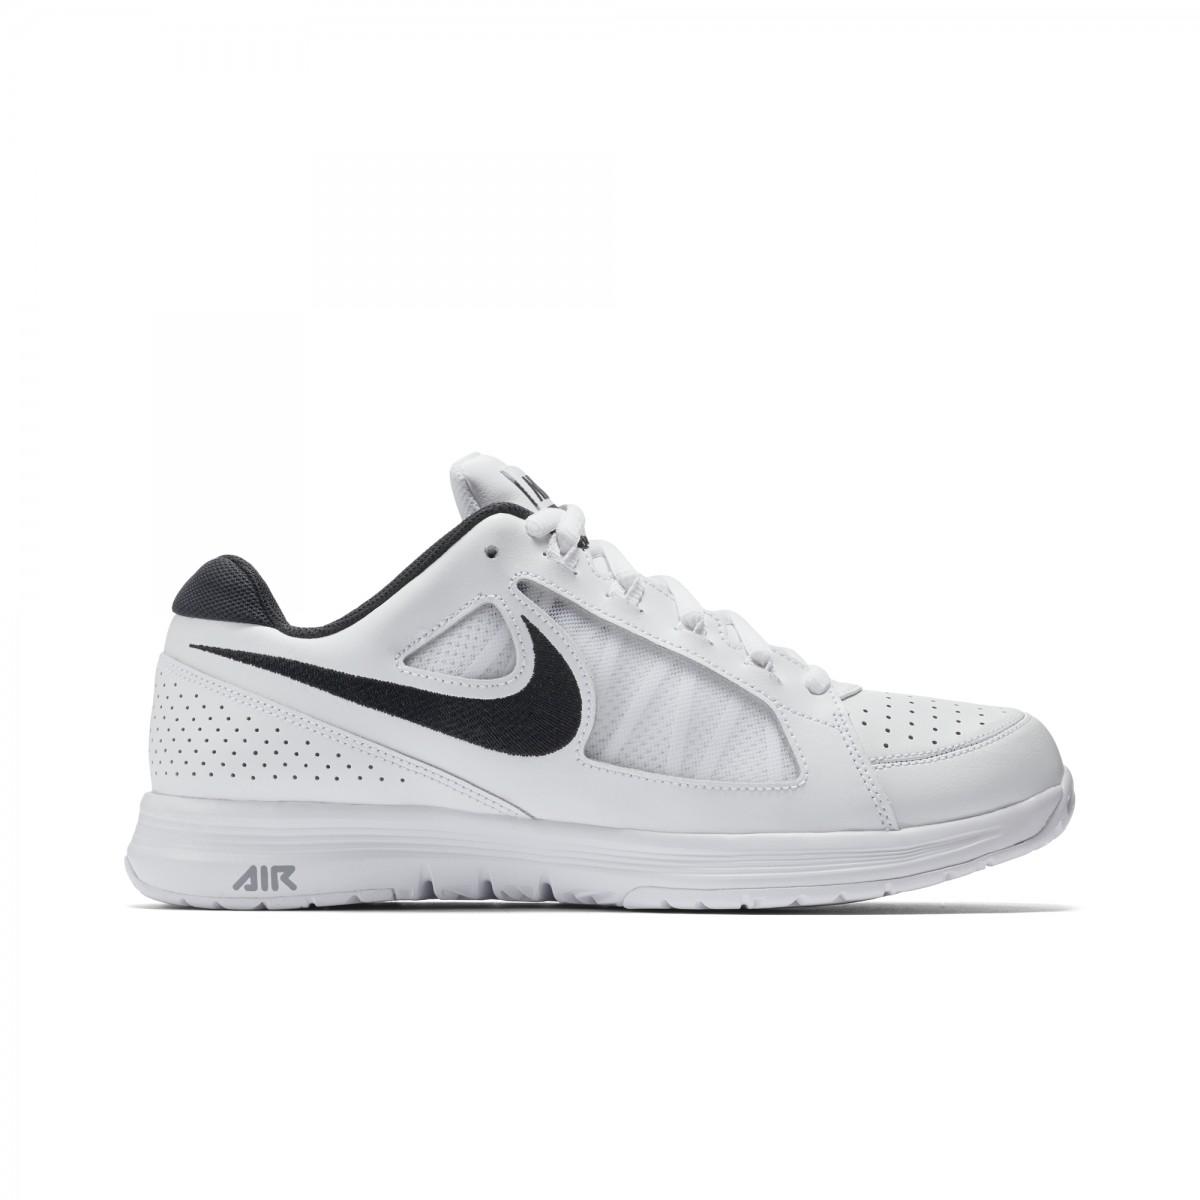 d929a676b7d13 Bizz Store - Tênis Masculino Nike Air Vapor Ace Branco/Preto